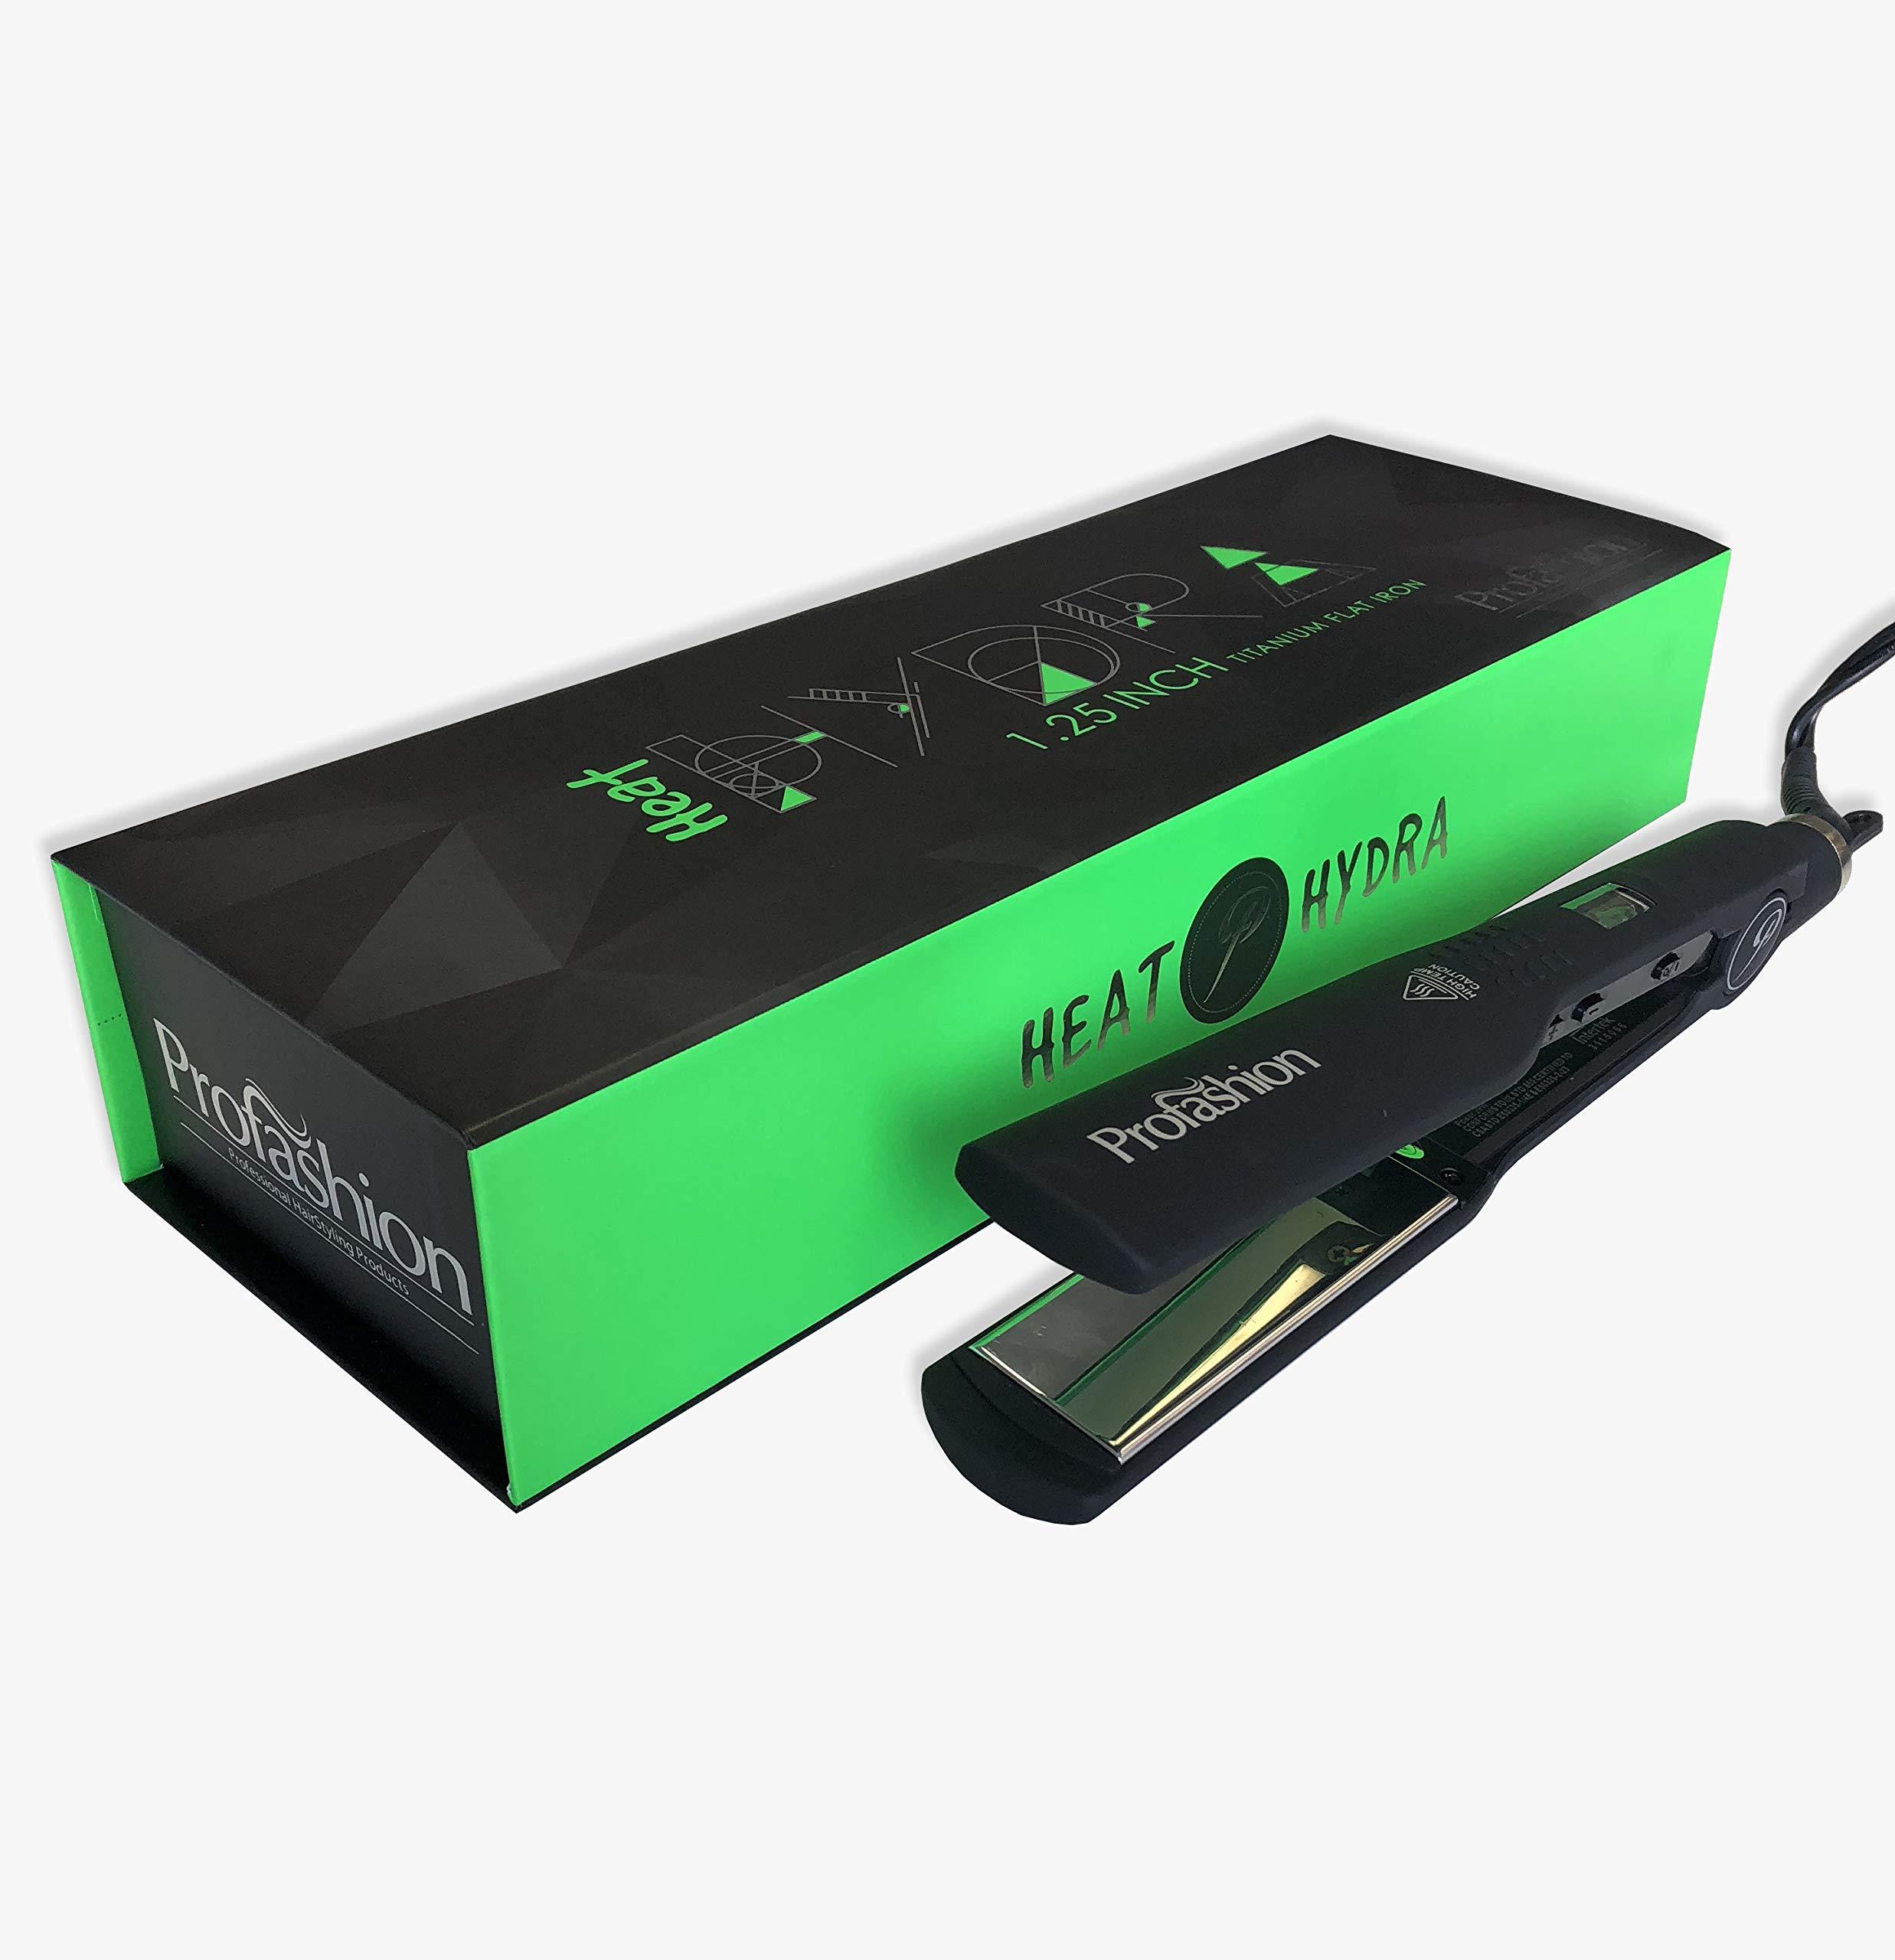 Profashion Hydra Flat Iron- Curling Hair Straightener, Titanium 1.5'', Best Steam Ceramic Heater, Adjustable, Dual Voltage, 450 Degrees by Profashion